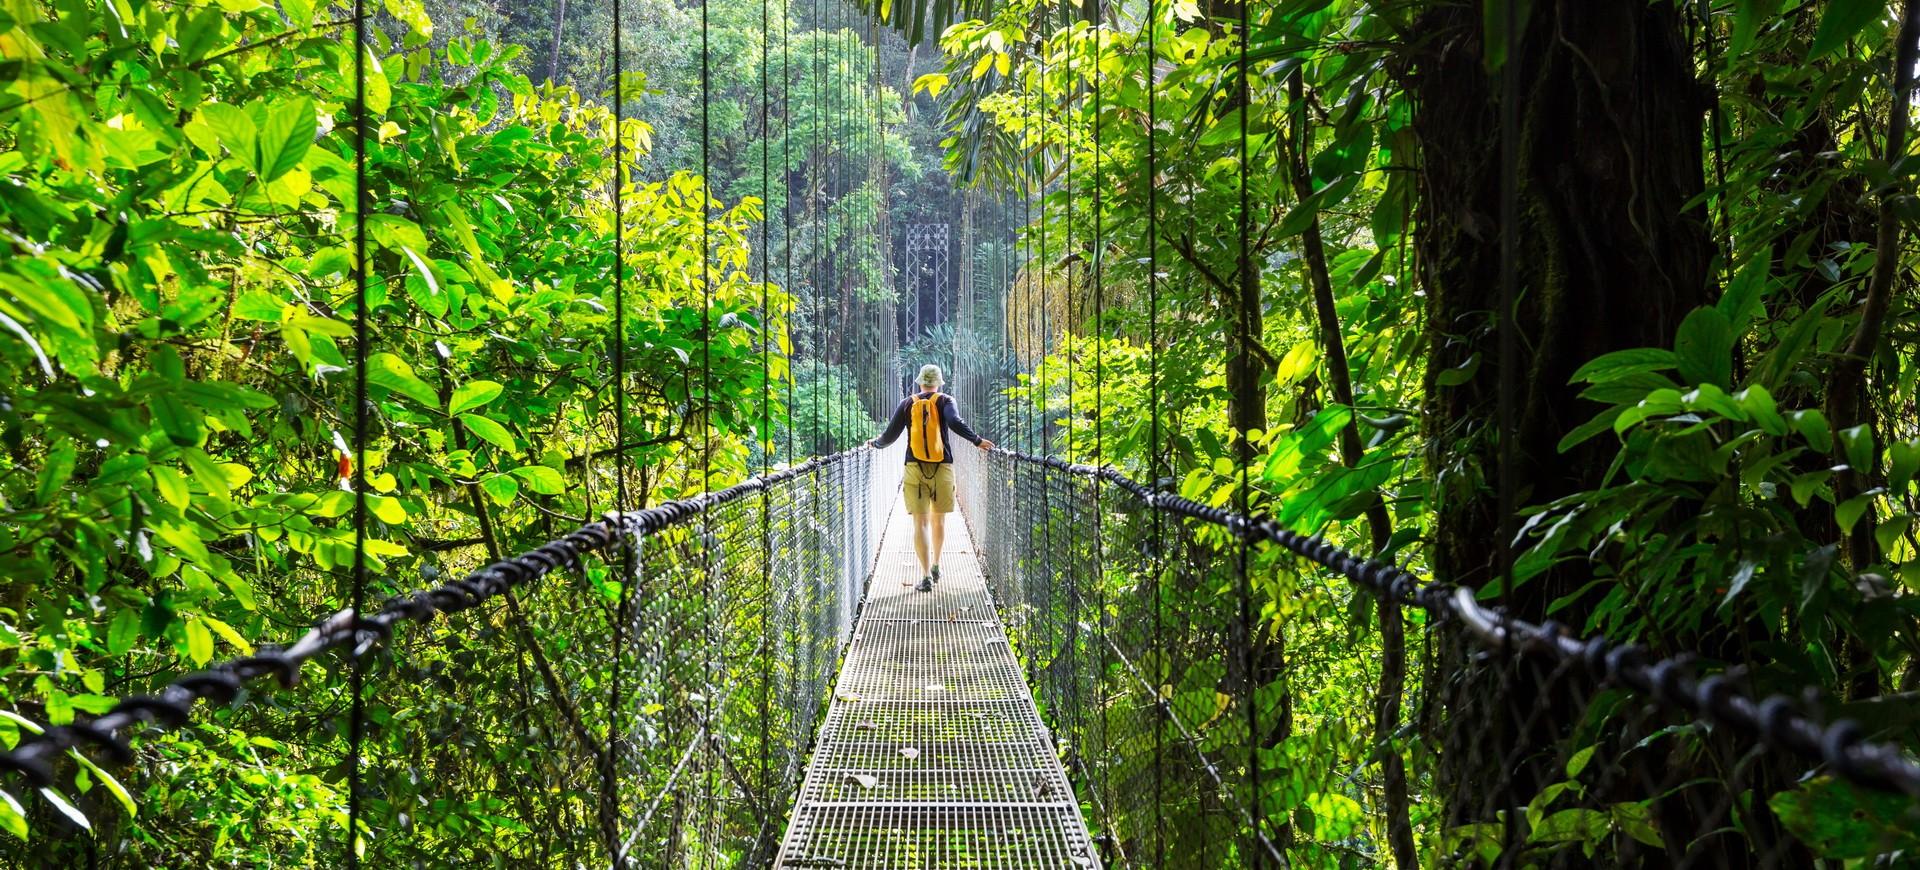 Nos voyages et séjours en Amérique Centrale